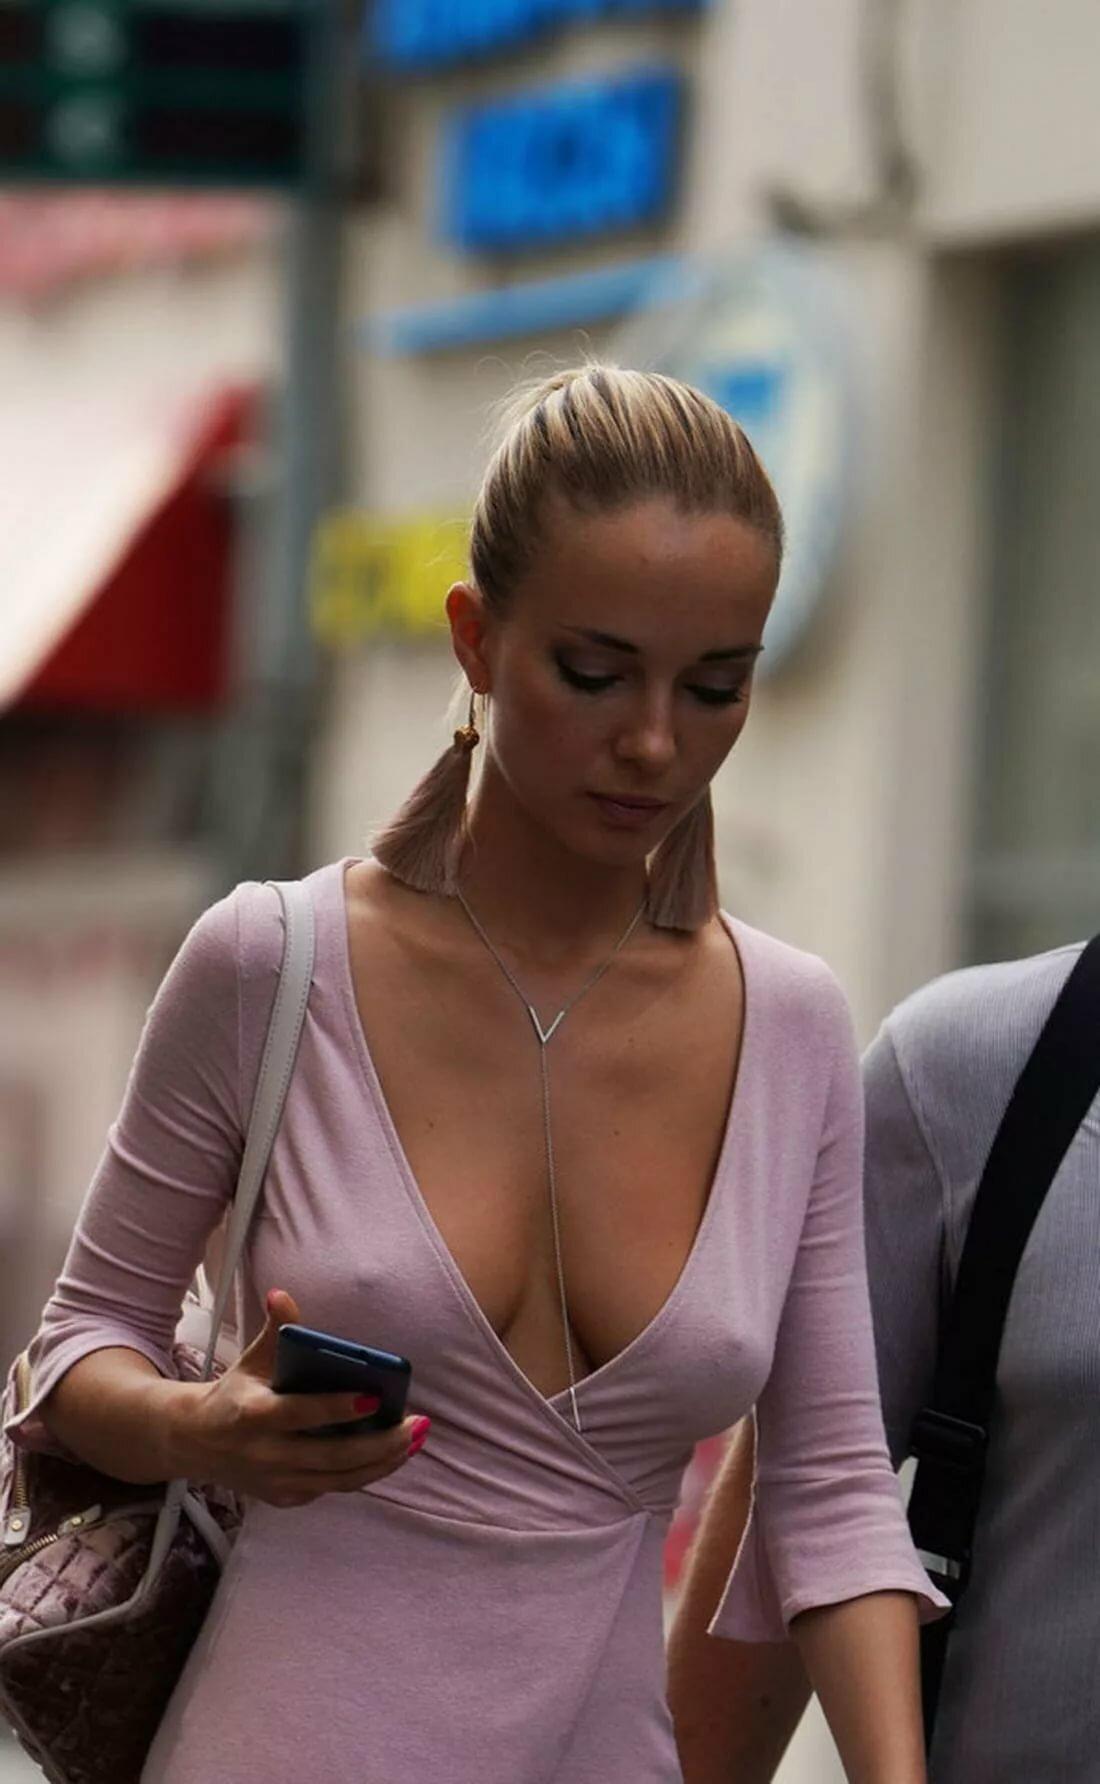 ona-bez-lifchika-video-porno-onlayn-russkie-svingeri-otdihayut-v-saune